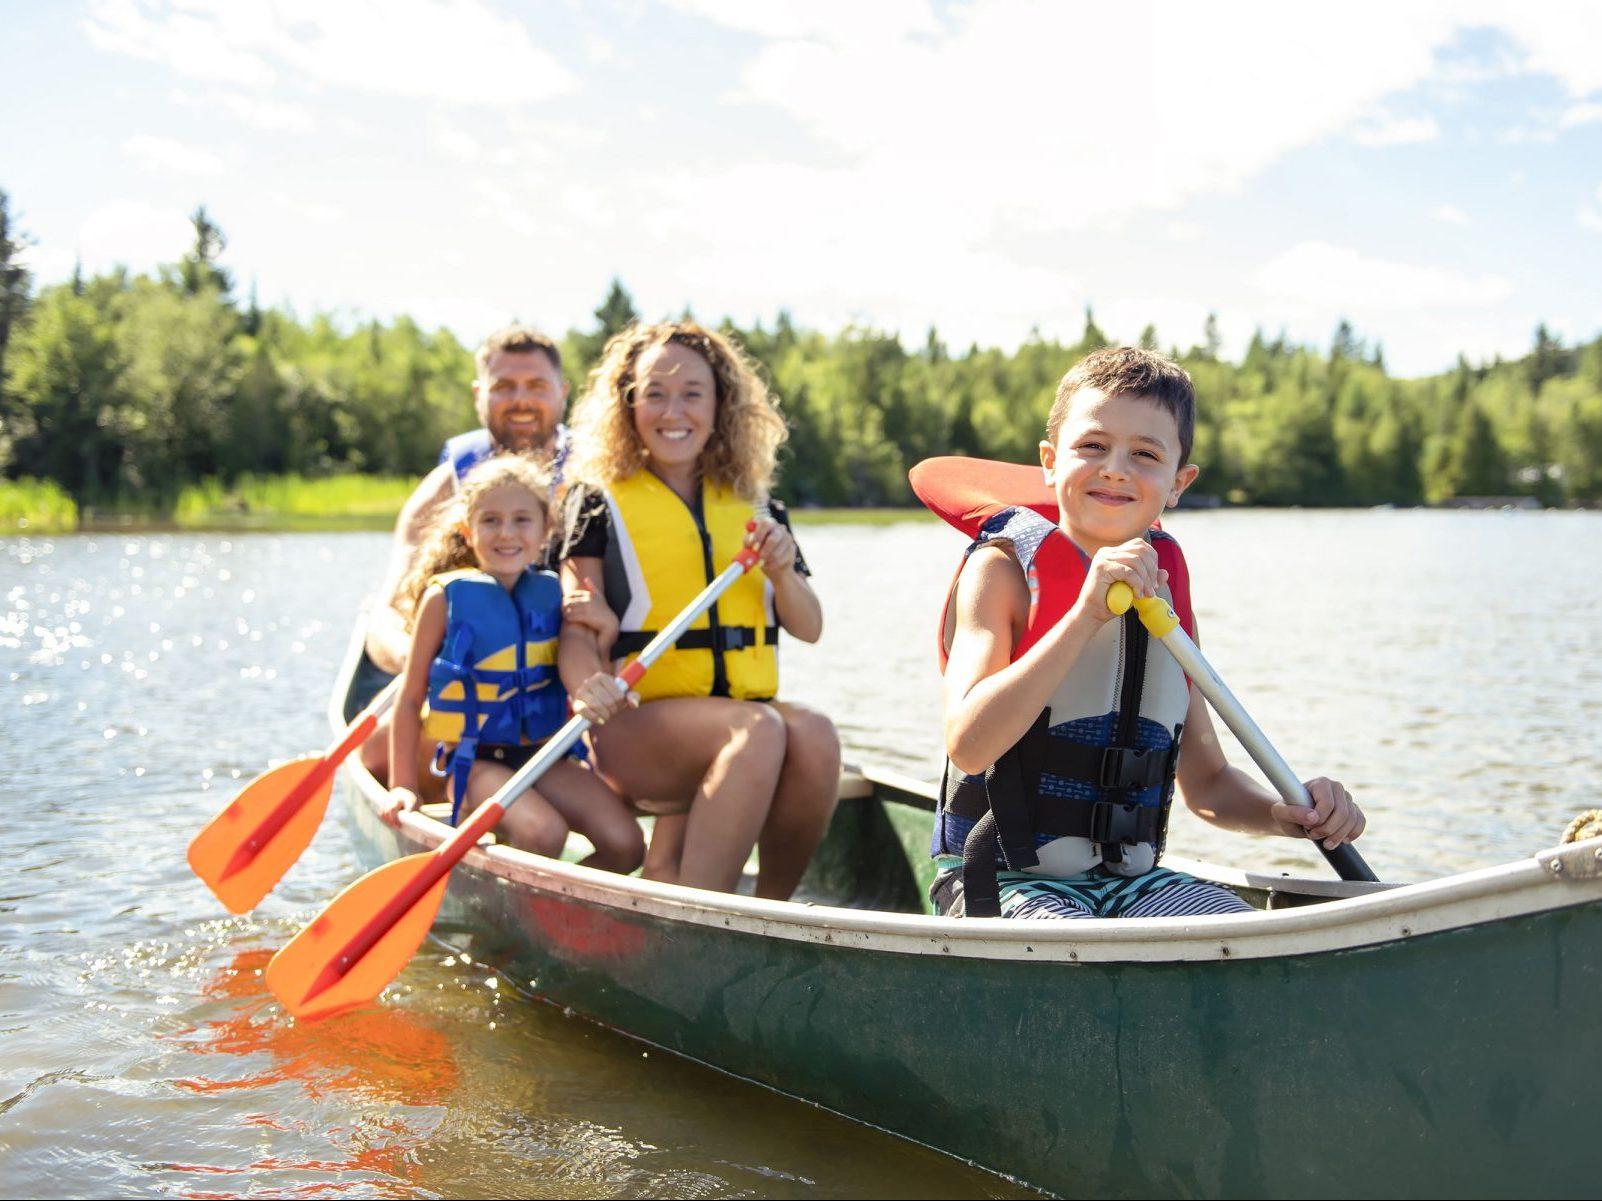 カヌーやカヤックは初心者でも楽しめる!おすすめの体験ツアーを紹介